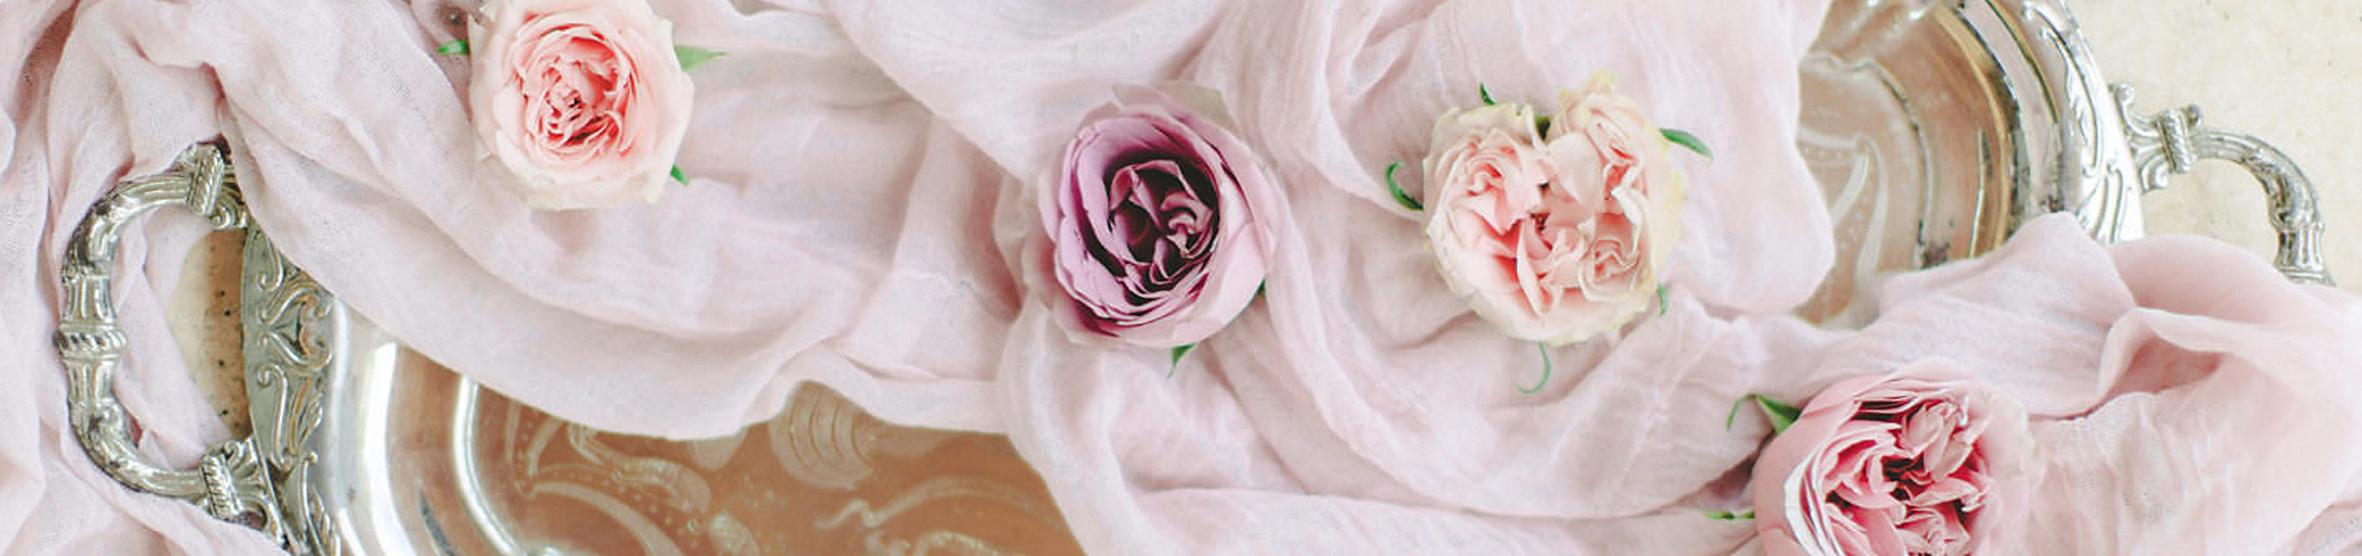 Τα floral προσκλητήρια γάμου μεταμορφώνονται σε organic